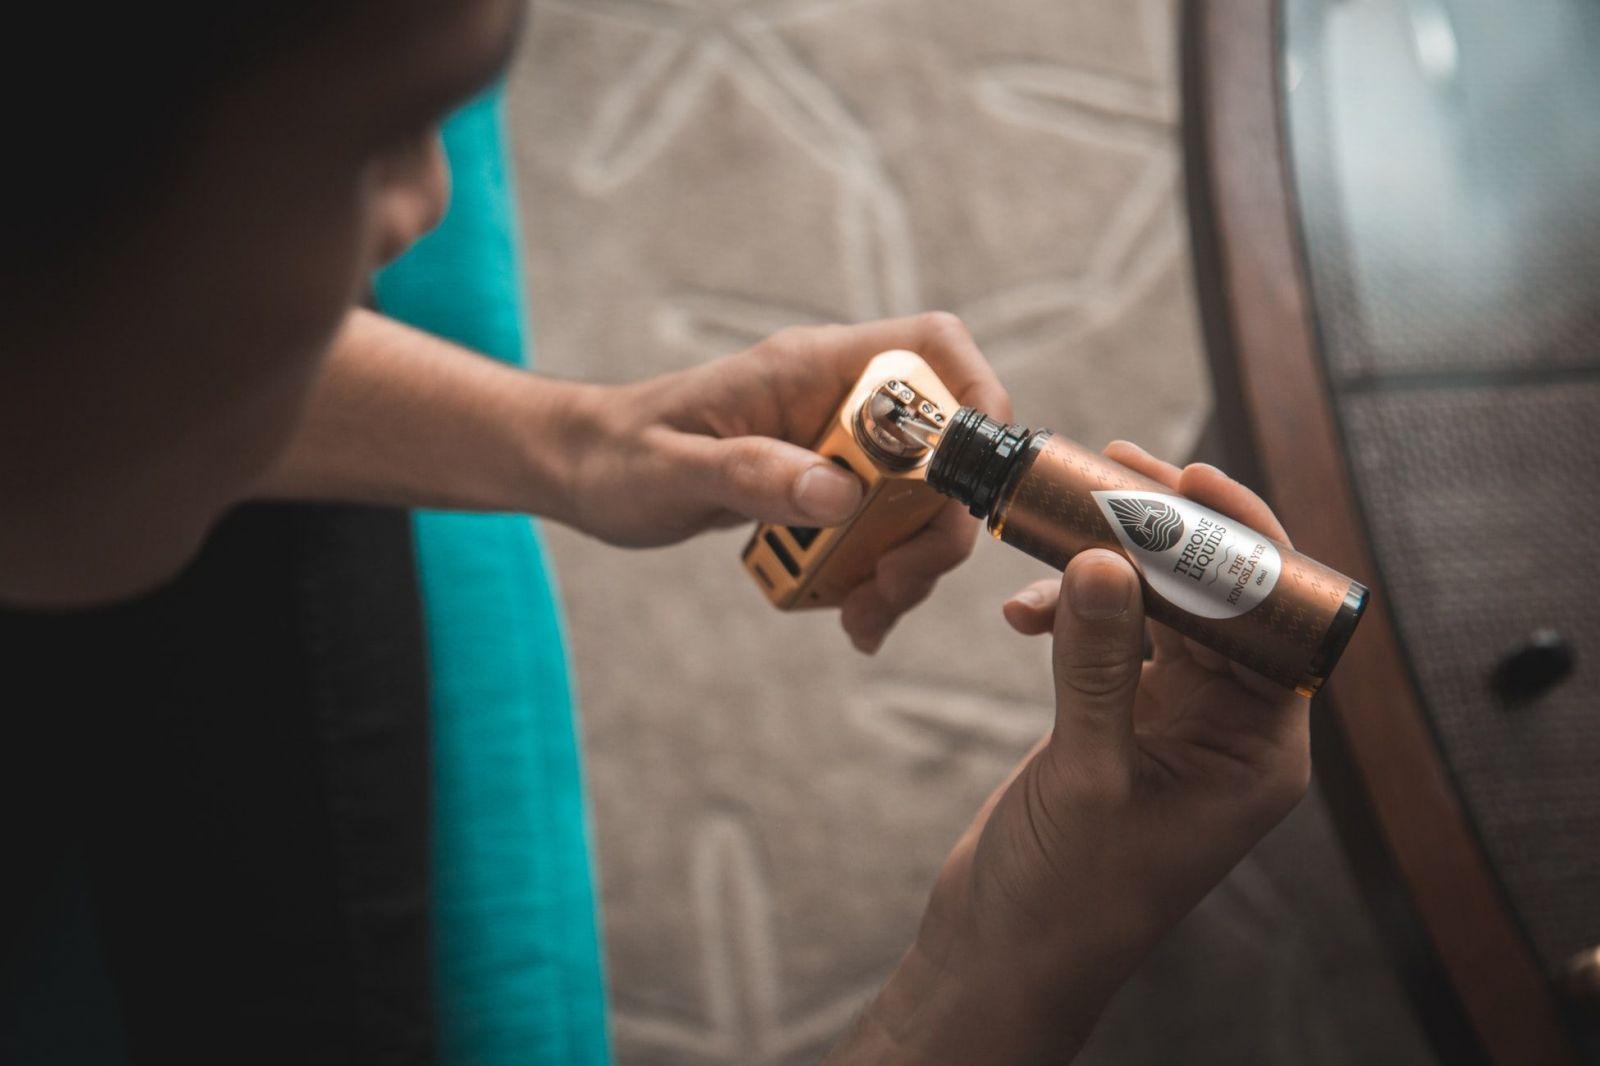 E-cigarety začínajú zabíjať už aj v Európe. Na následky vapingu zomrel v Belgicku prvý človek